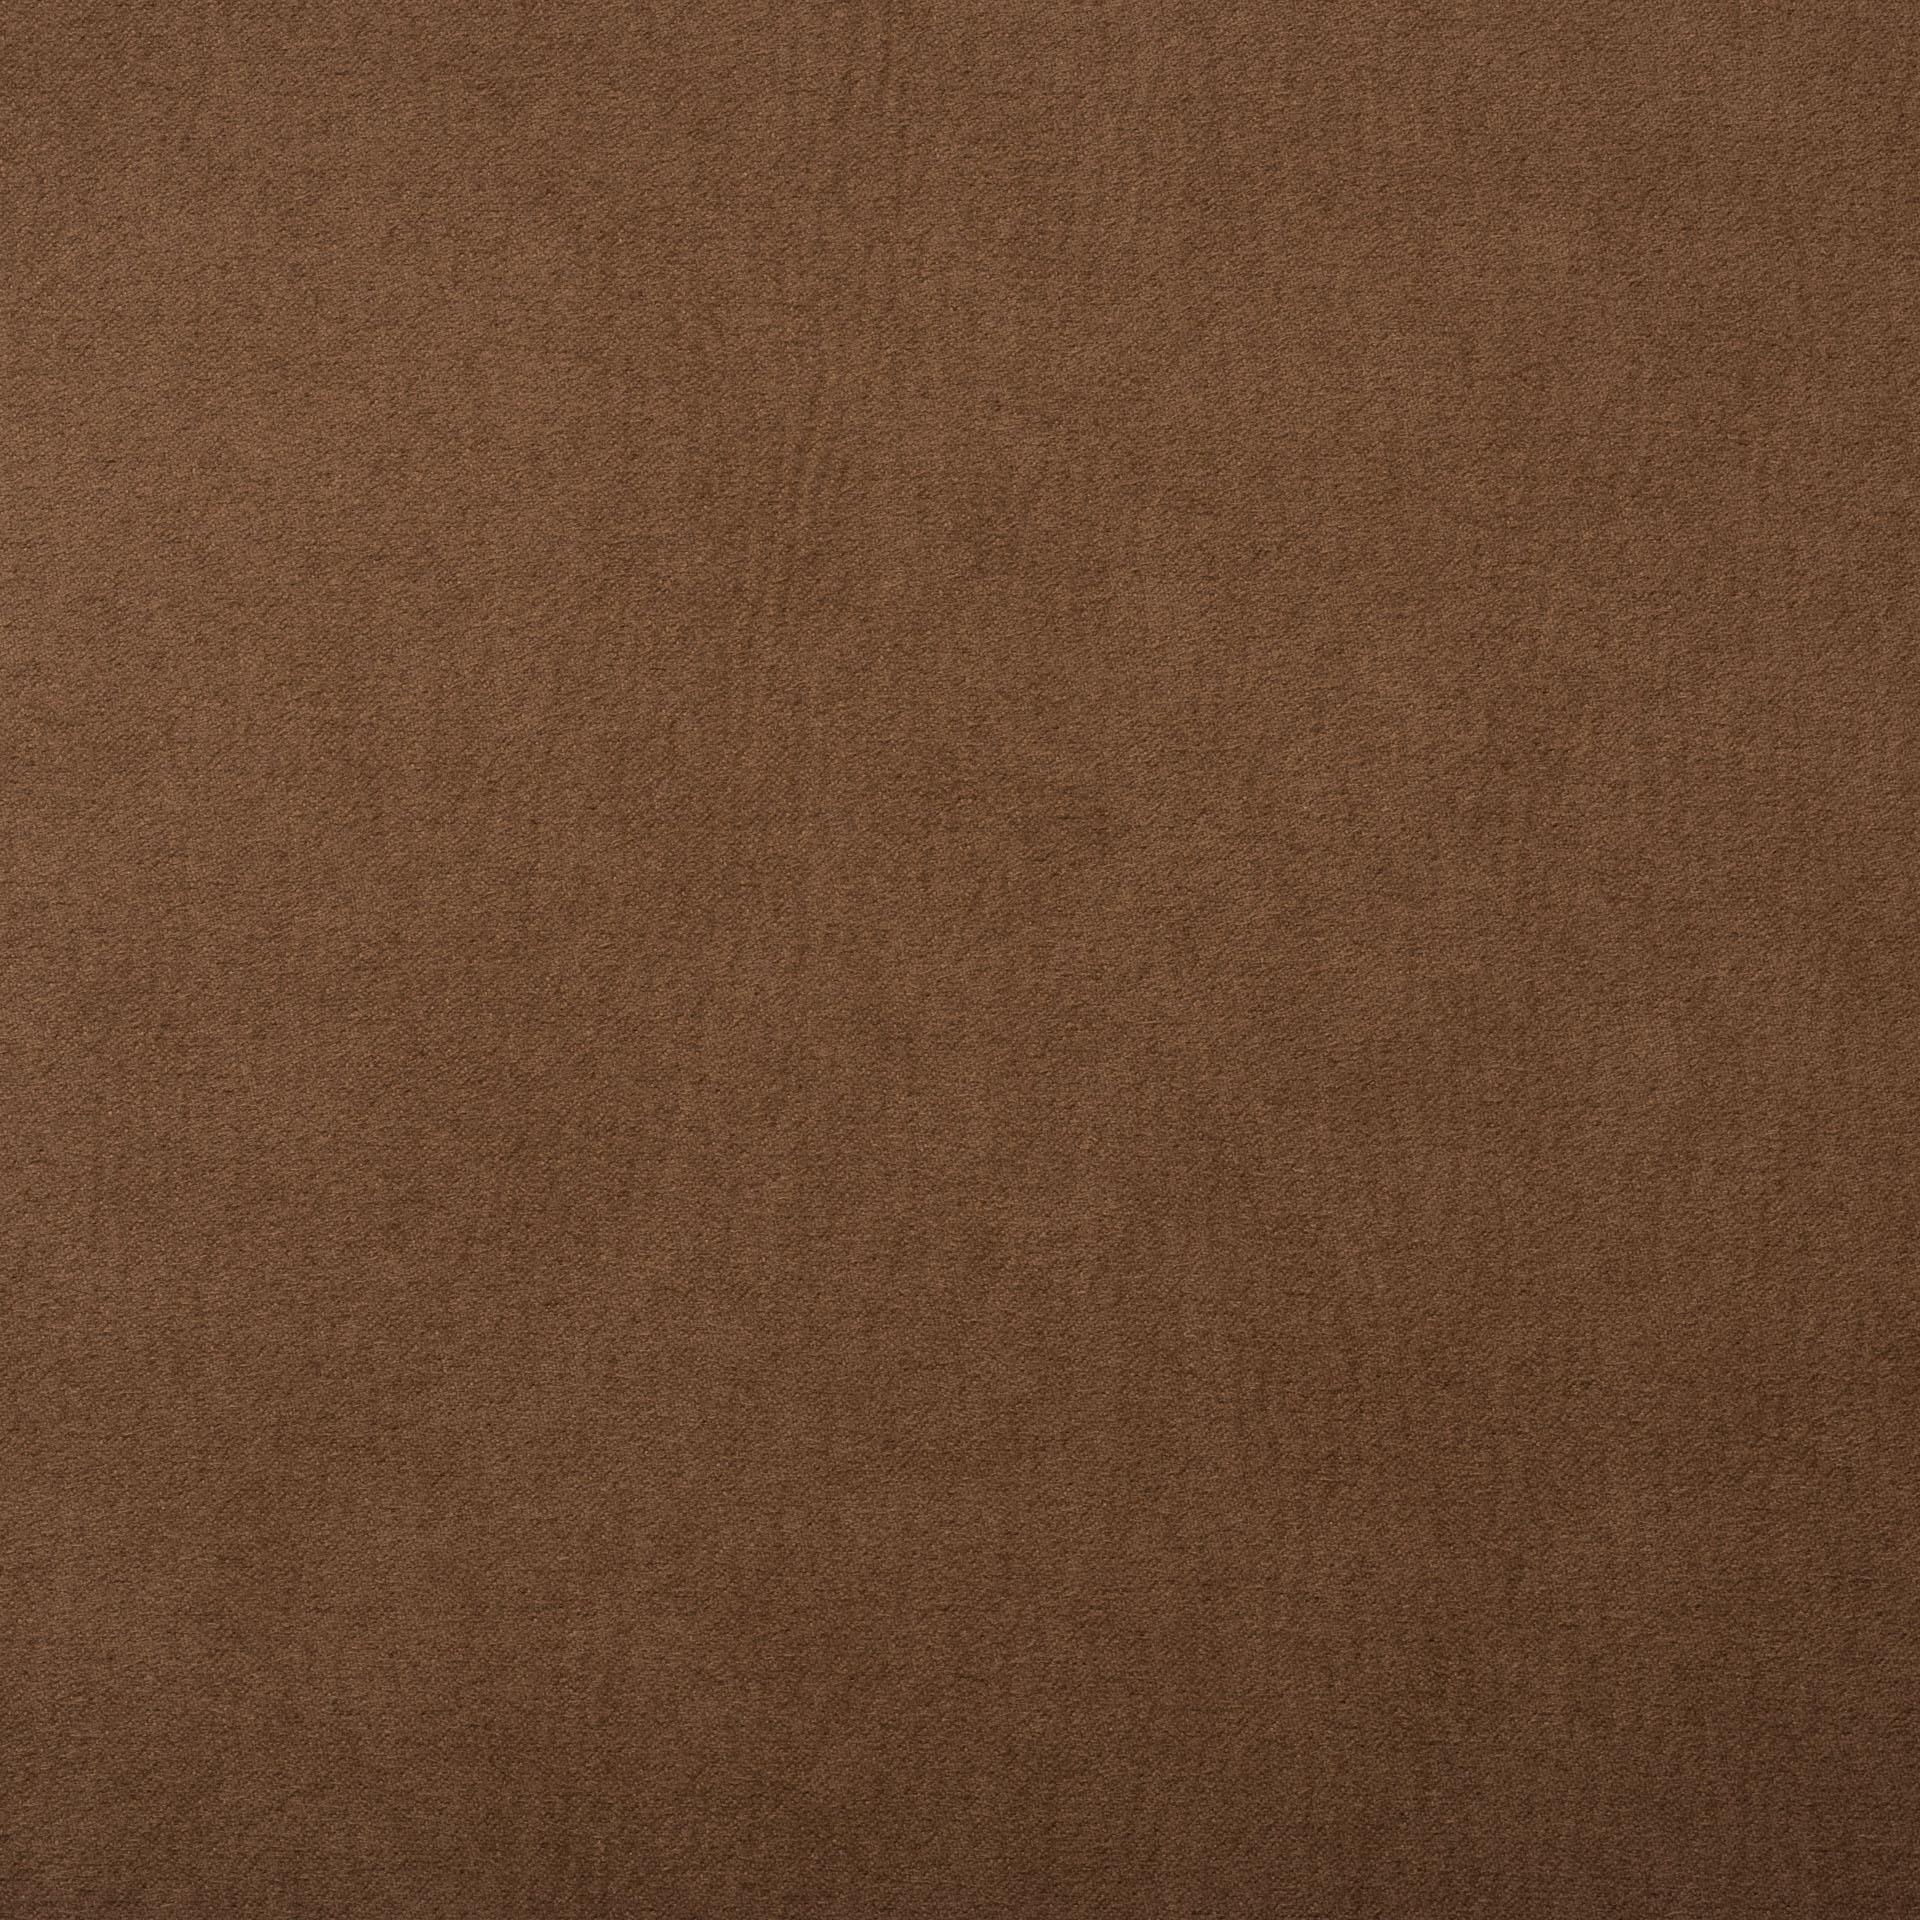 Коллекция ткани Нубук 06 OSTRICH,  купить ткань Велюр для мебели Украина